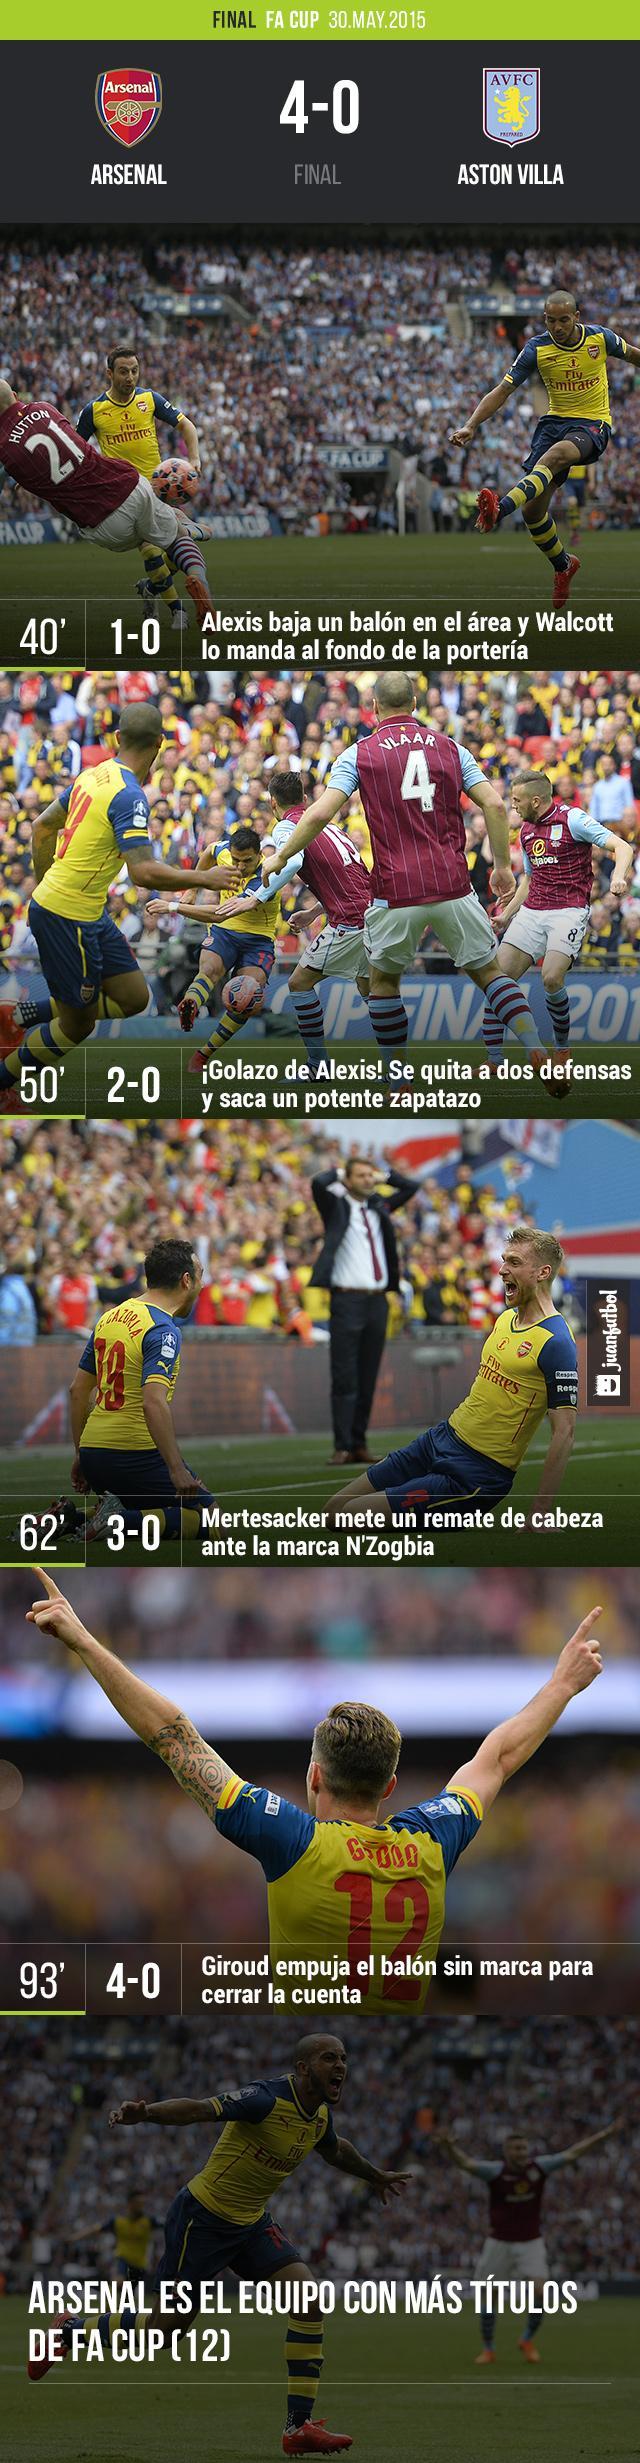 Arsenal se corona Campeón de la FA Cup tras vencer al Aston Villa 4-0 en Wembley